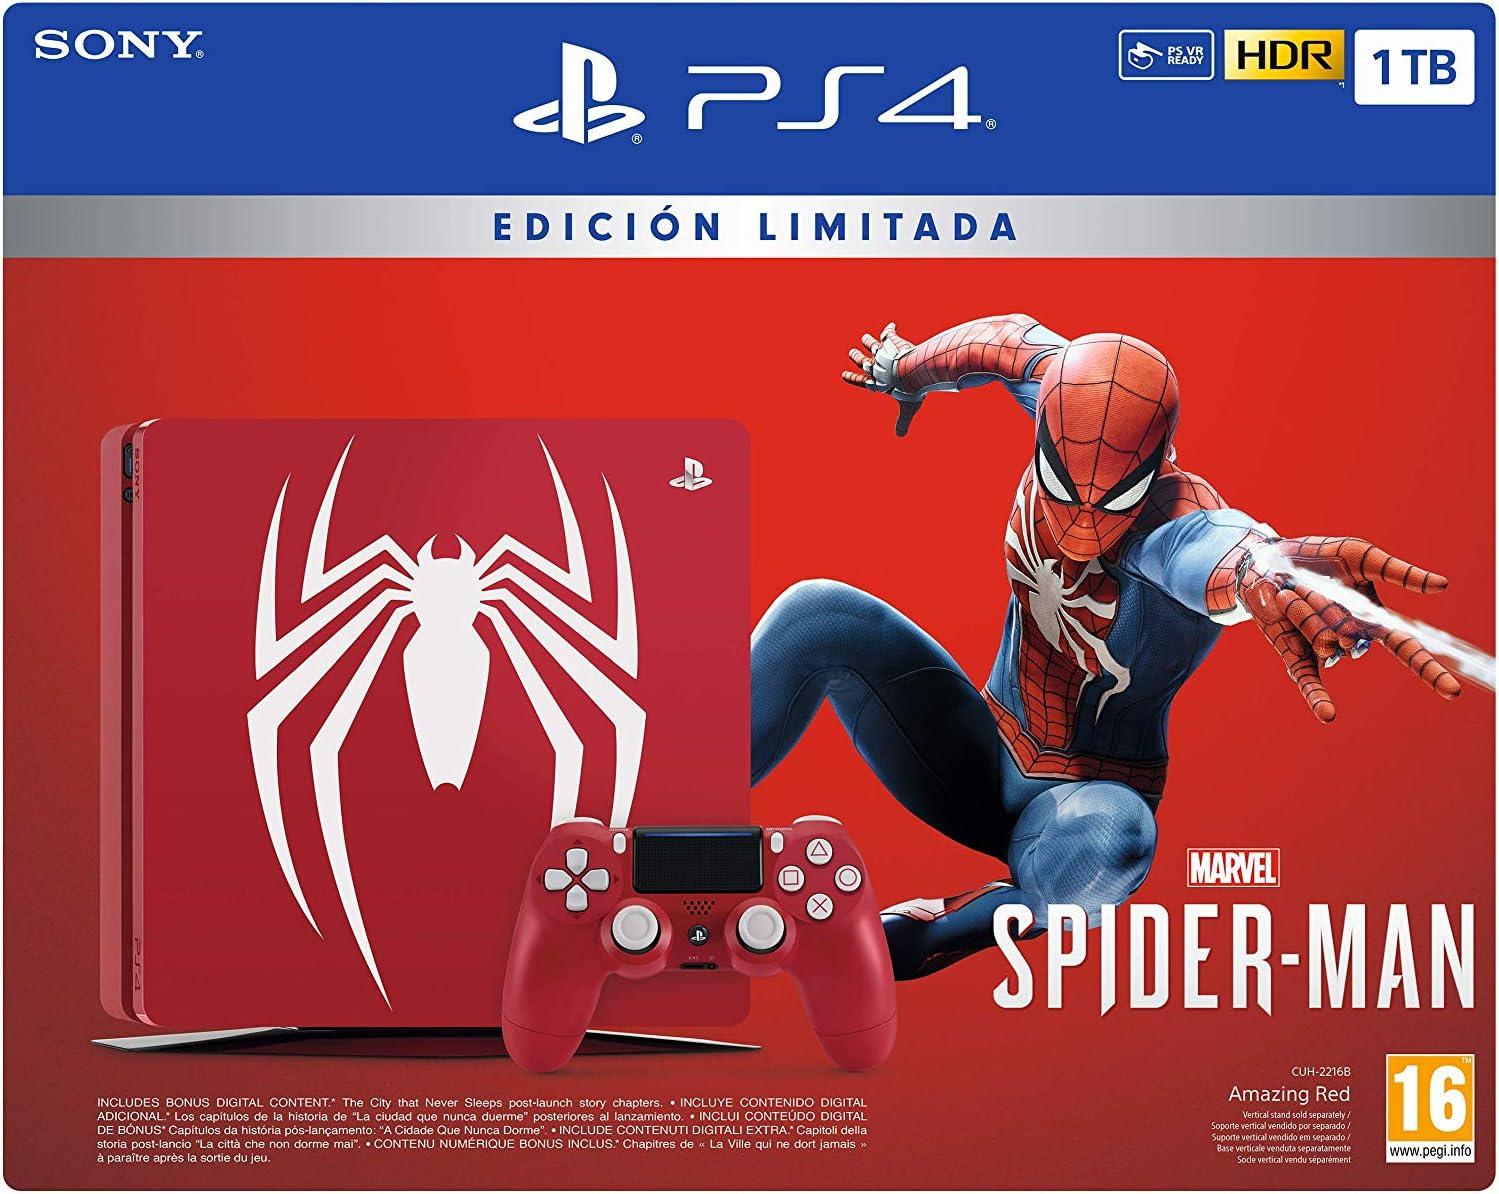 PlayStation 4 (PS4) - Consola de 1 TB - Edición Especial + Marvels Spider-Man: Sony: Amazon.es: Videojuegos